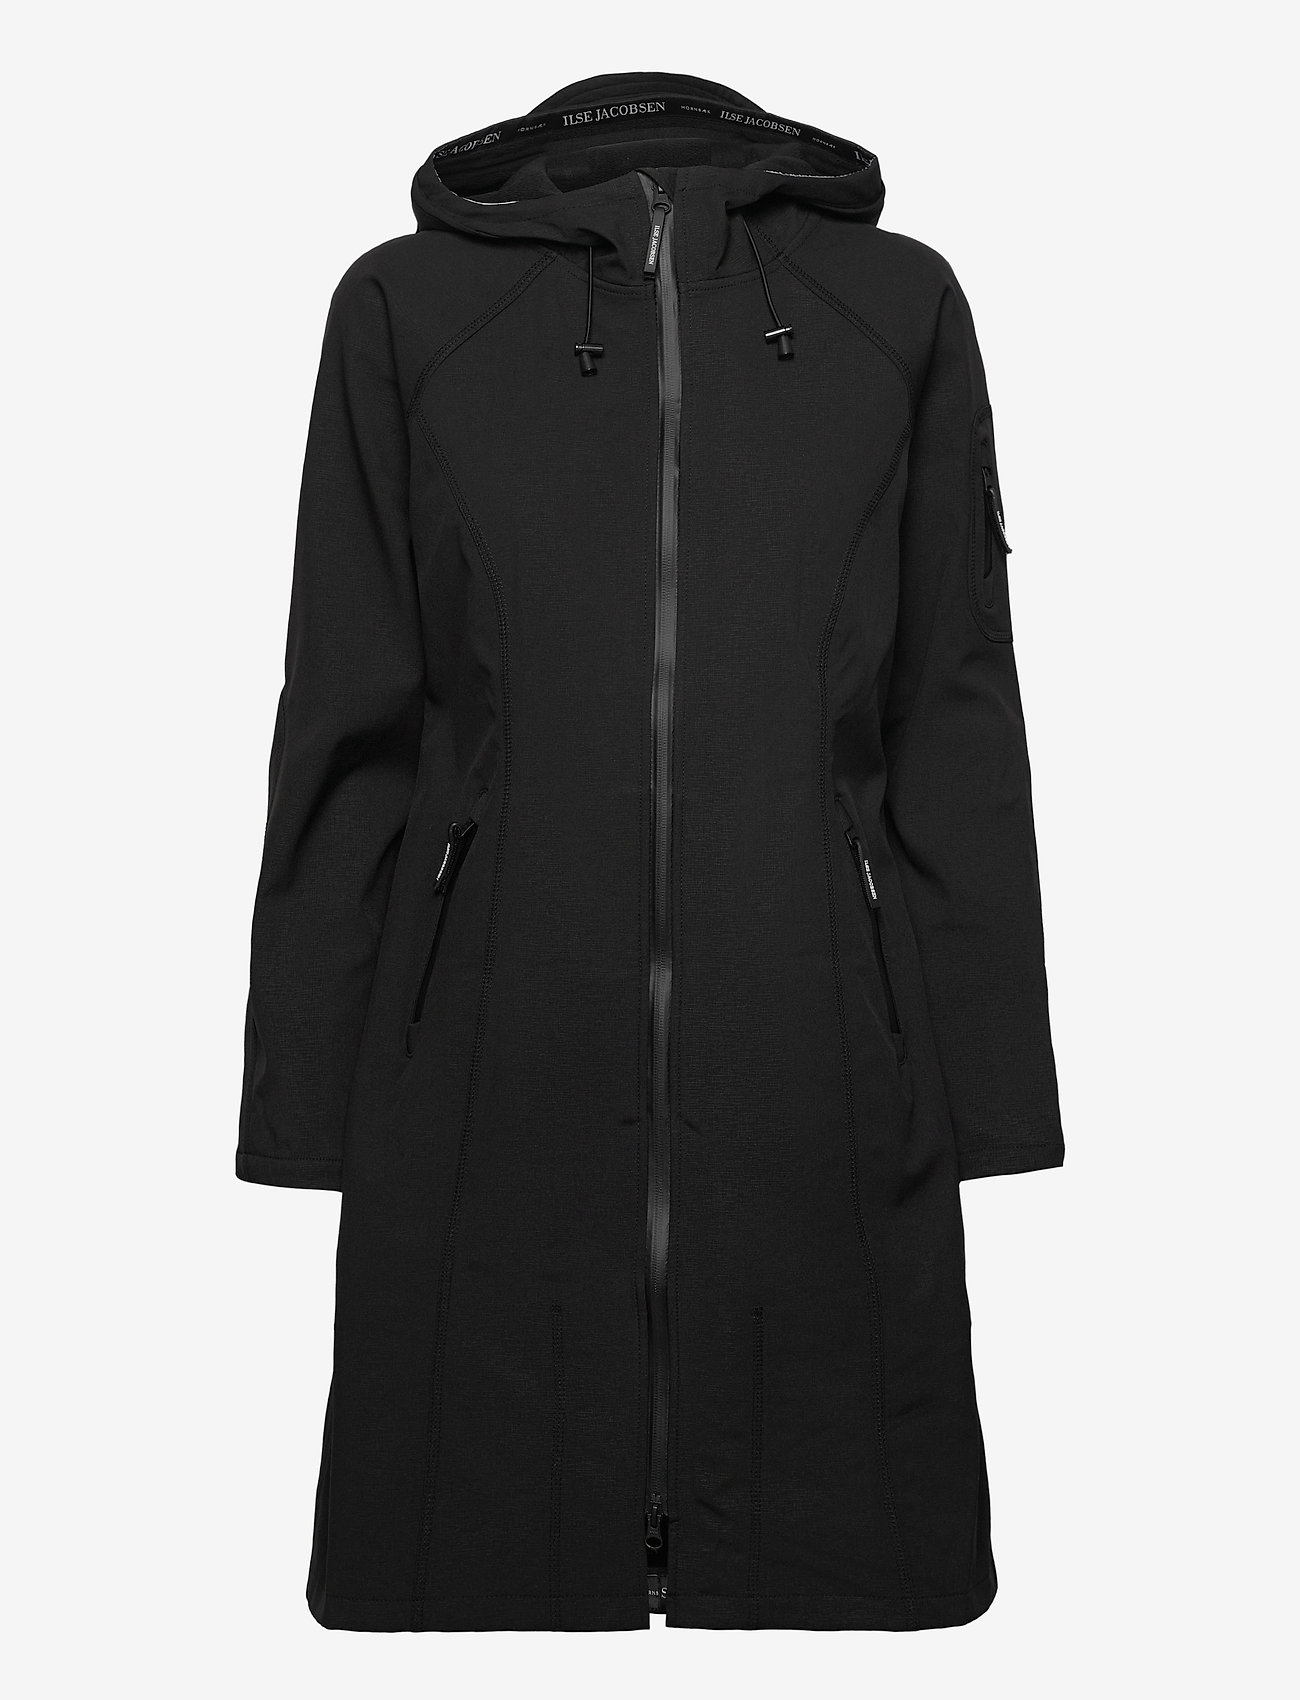 Ilse Jacobsen - LONG RAINCOAT - manteaux de pluie - black - 1